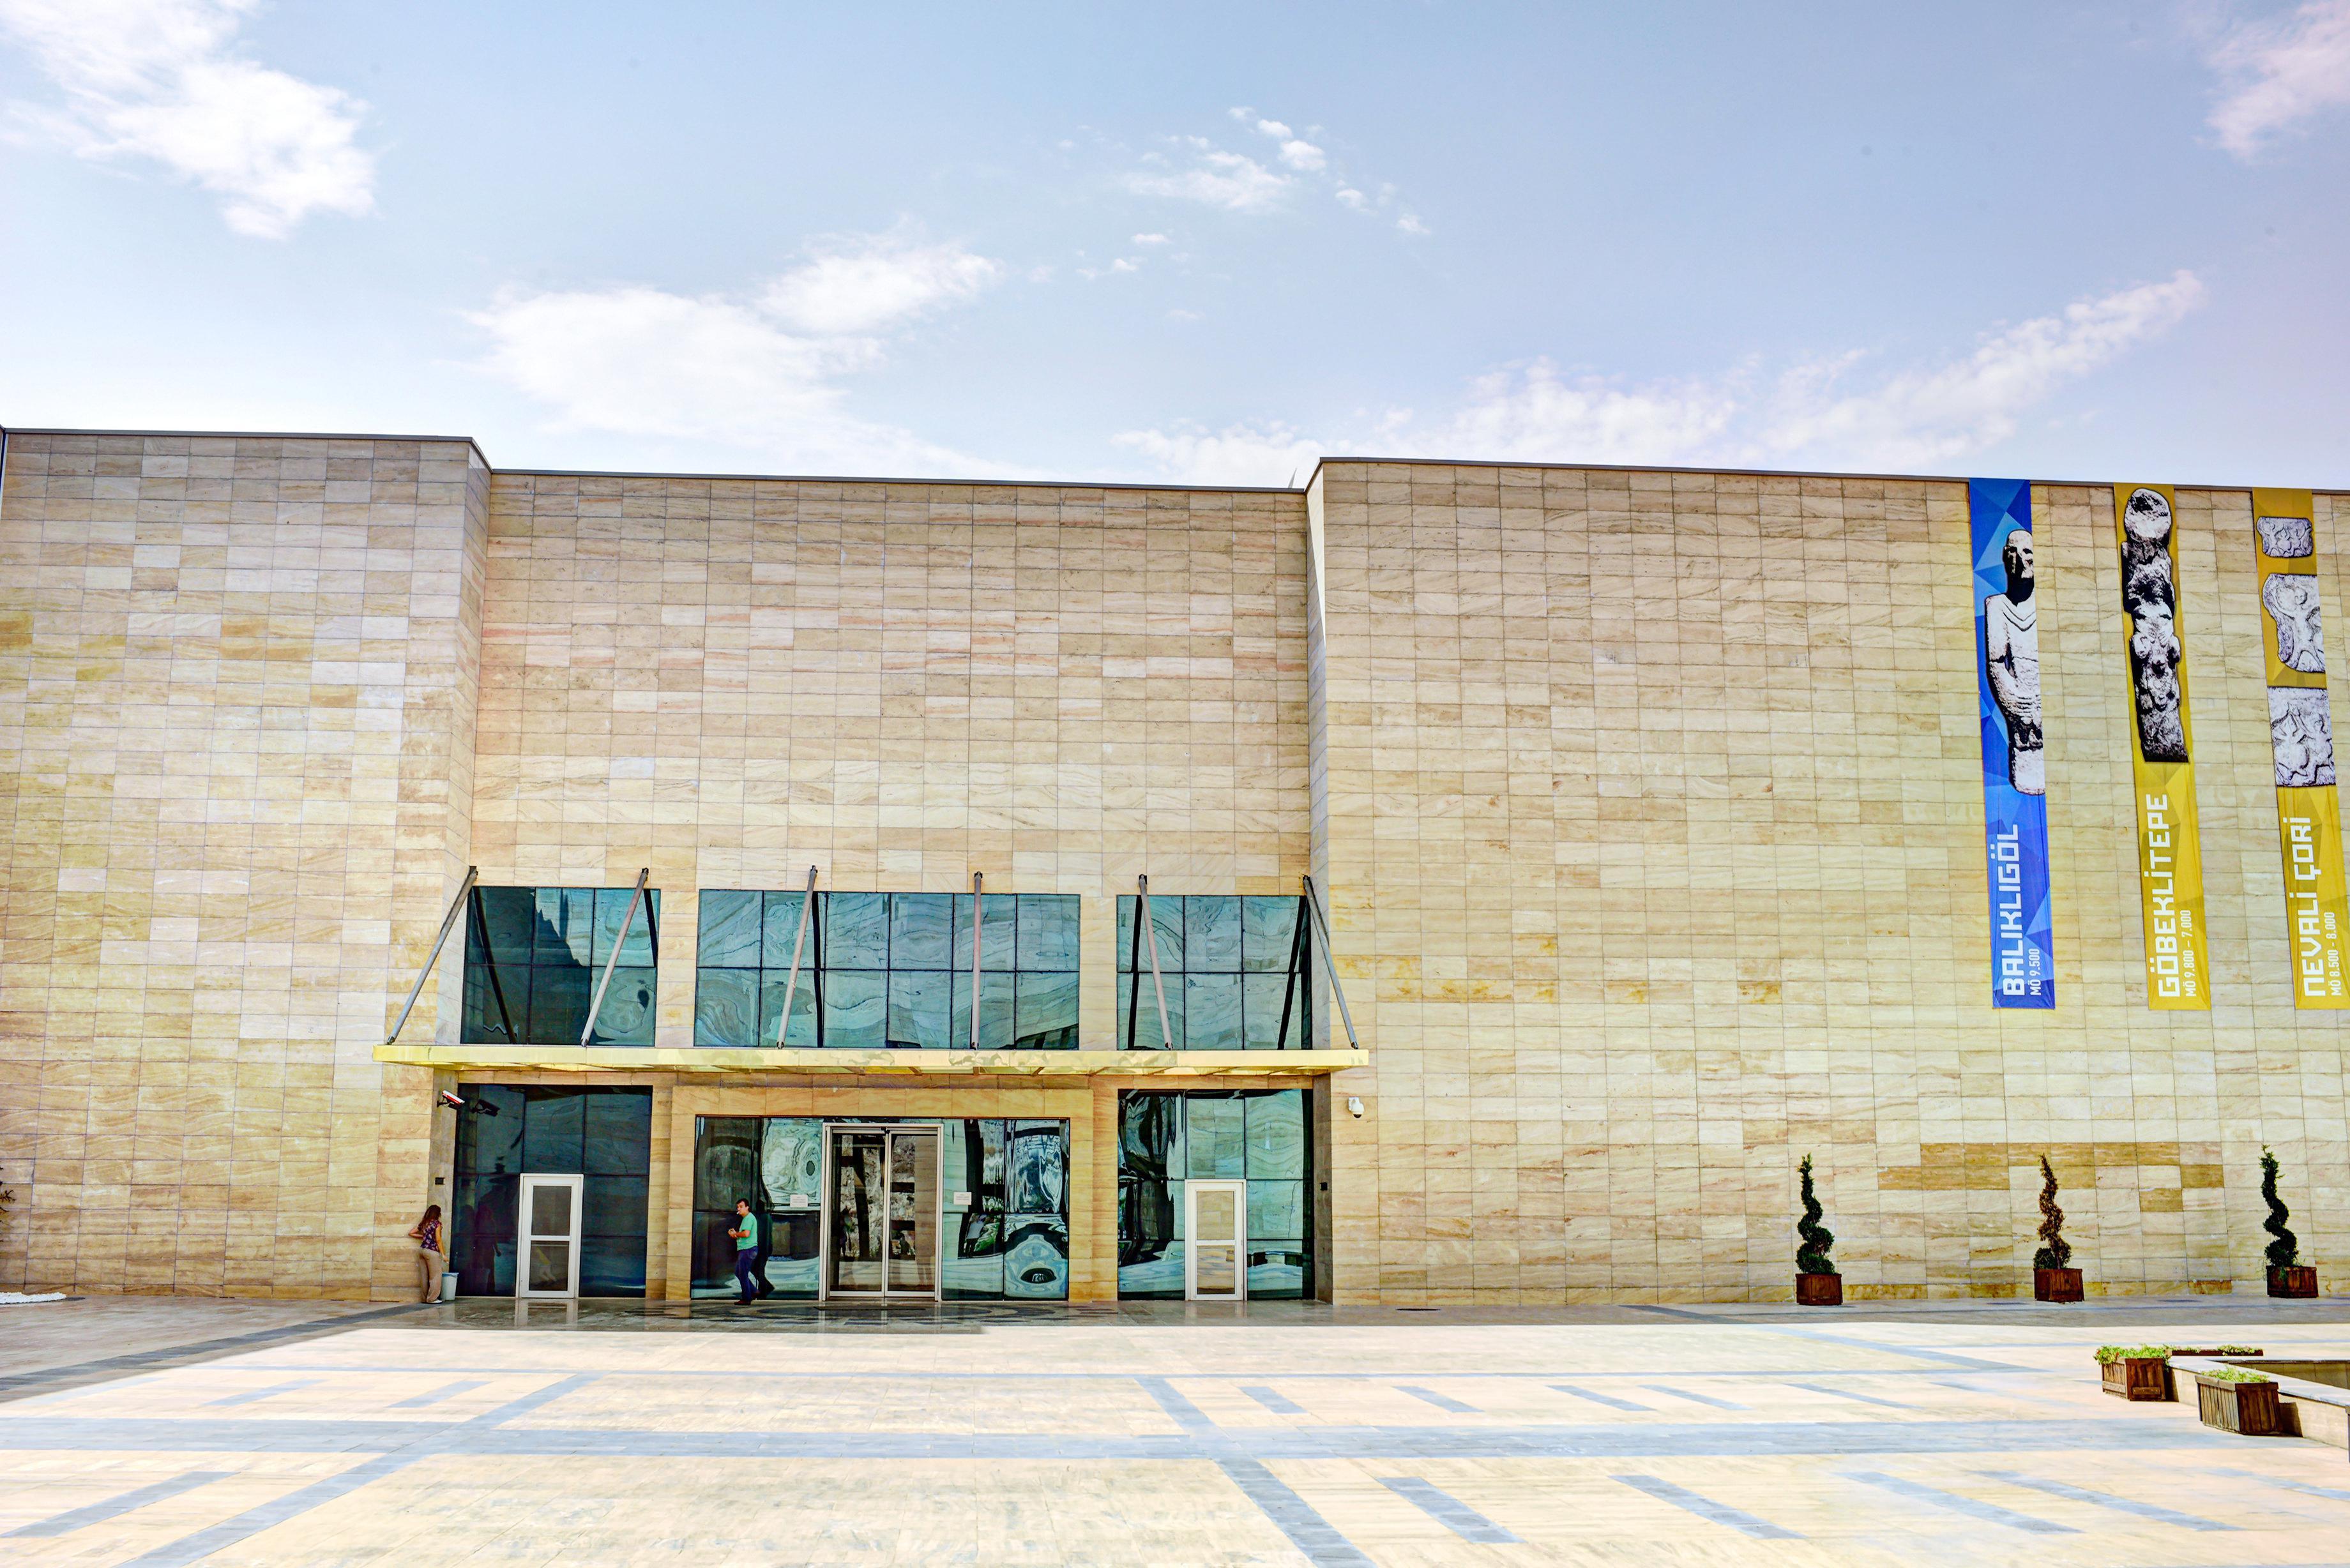 Sanlıurfa Archaeology Museum